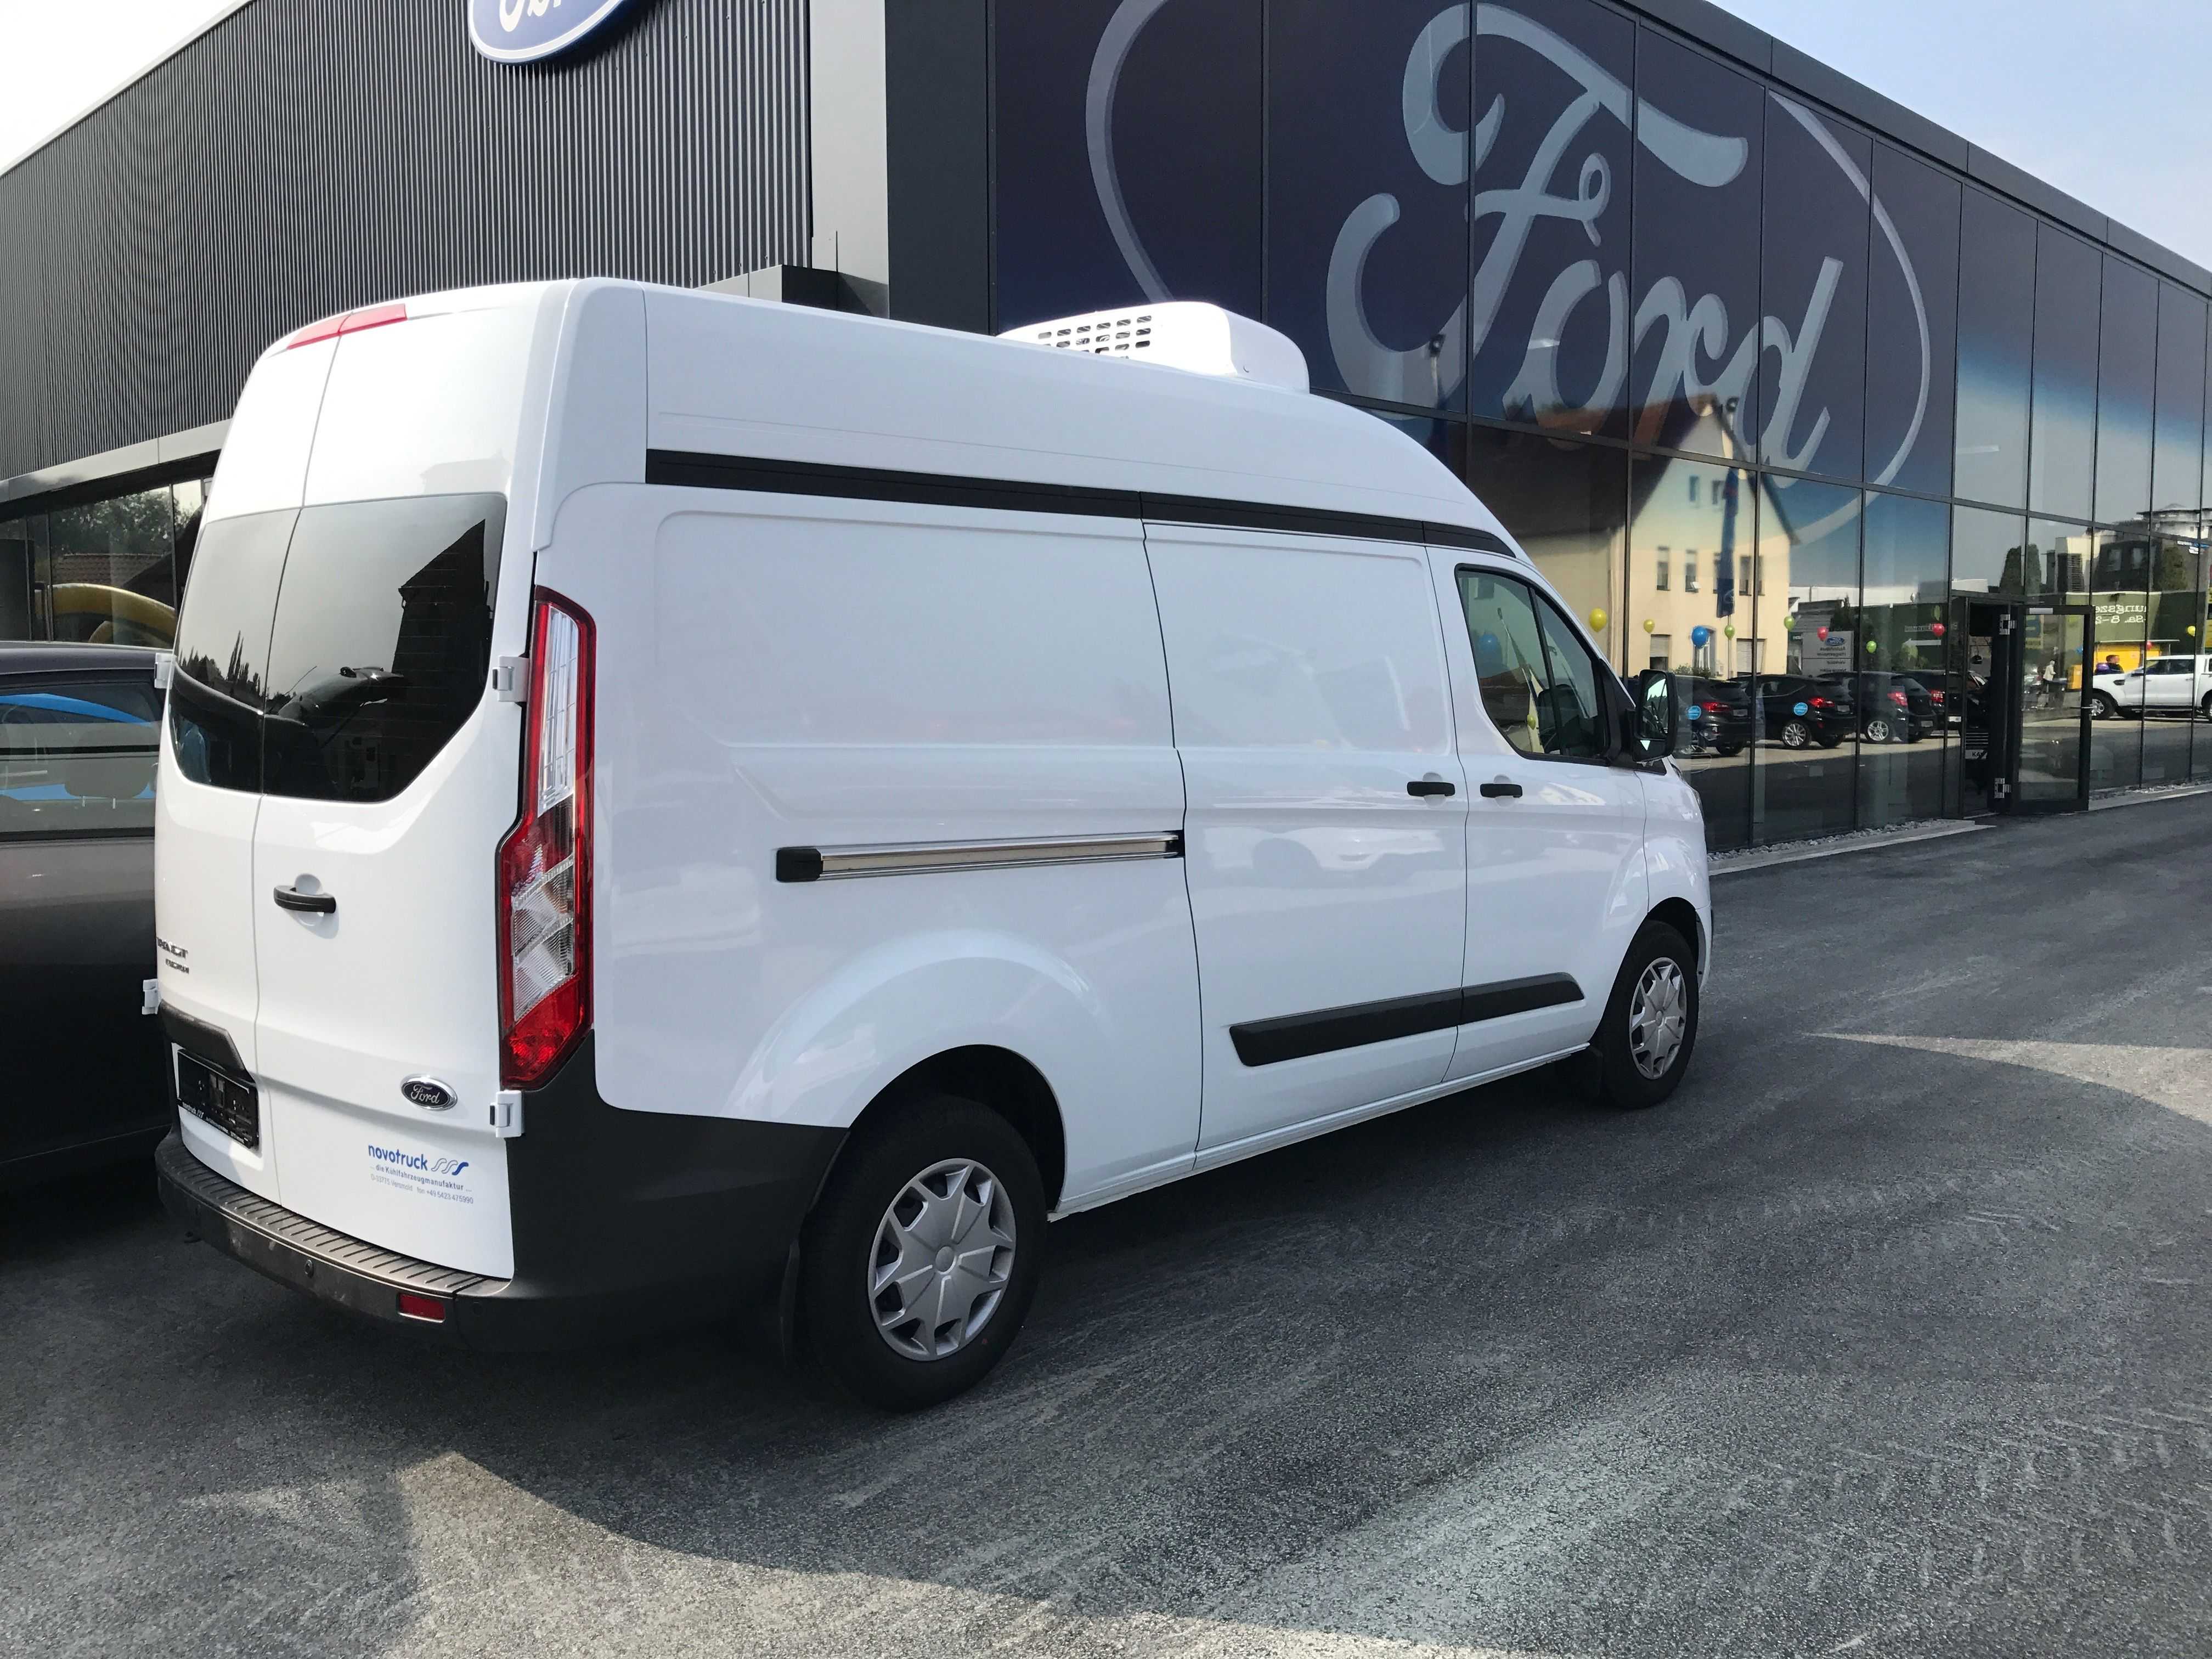 Ford Transit Custom L2 H2 Mit Gah Fahrzeugkalteanlage Fahrzeuge Wohnmobil